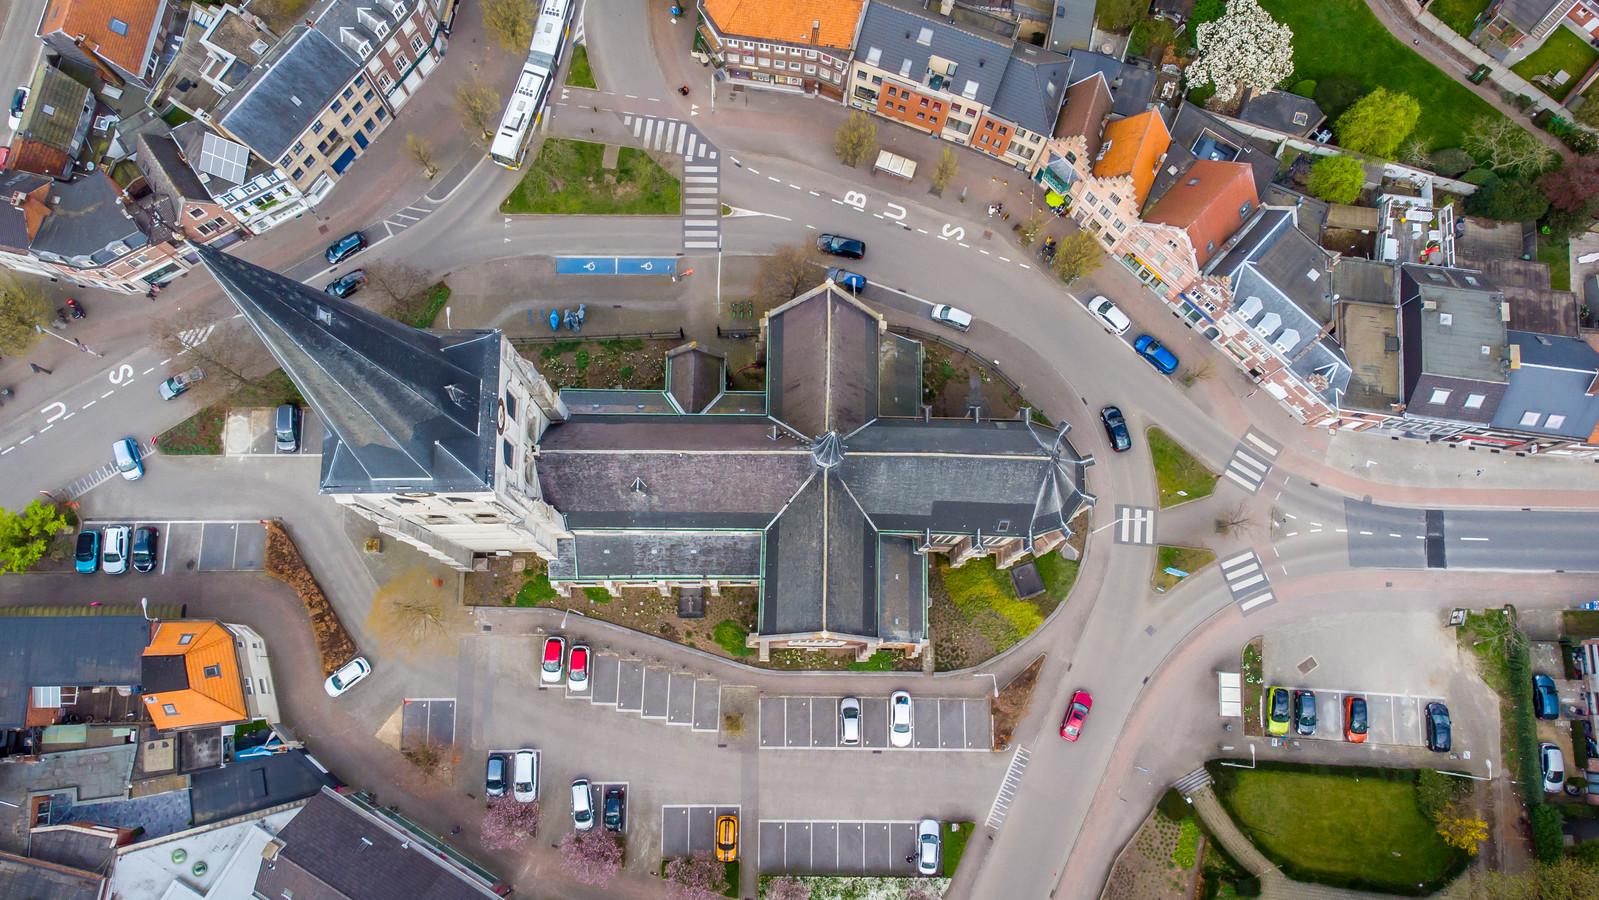 Een helder luchtbeeld van de omgeving rond de Sint-Lambertuskerk, het centrum van Ekeren.